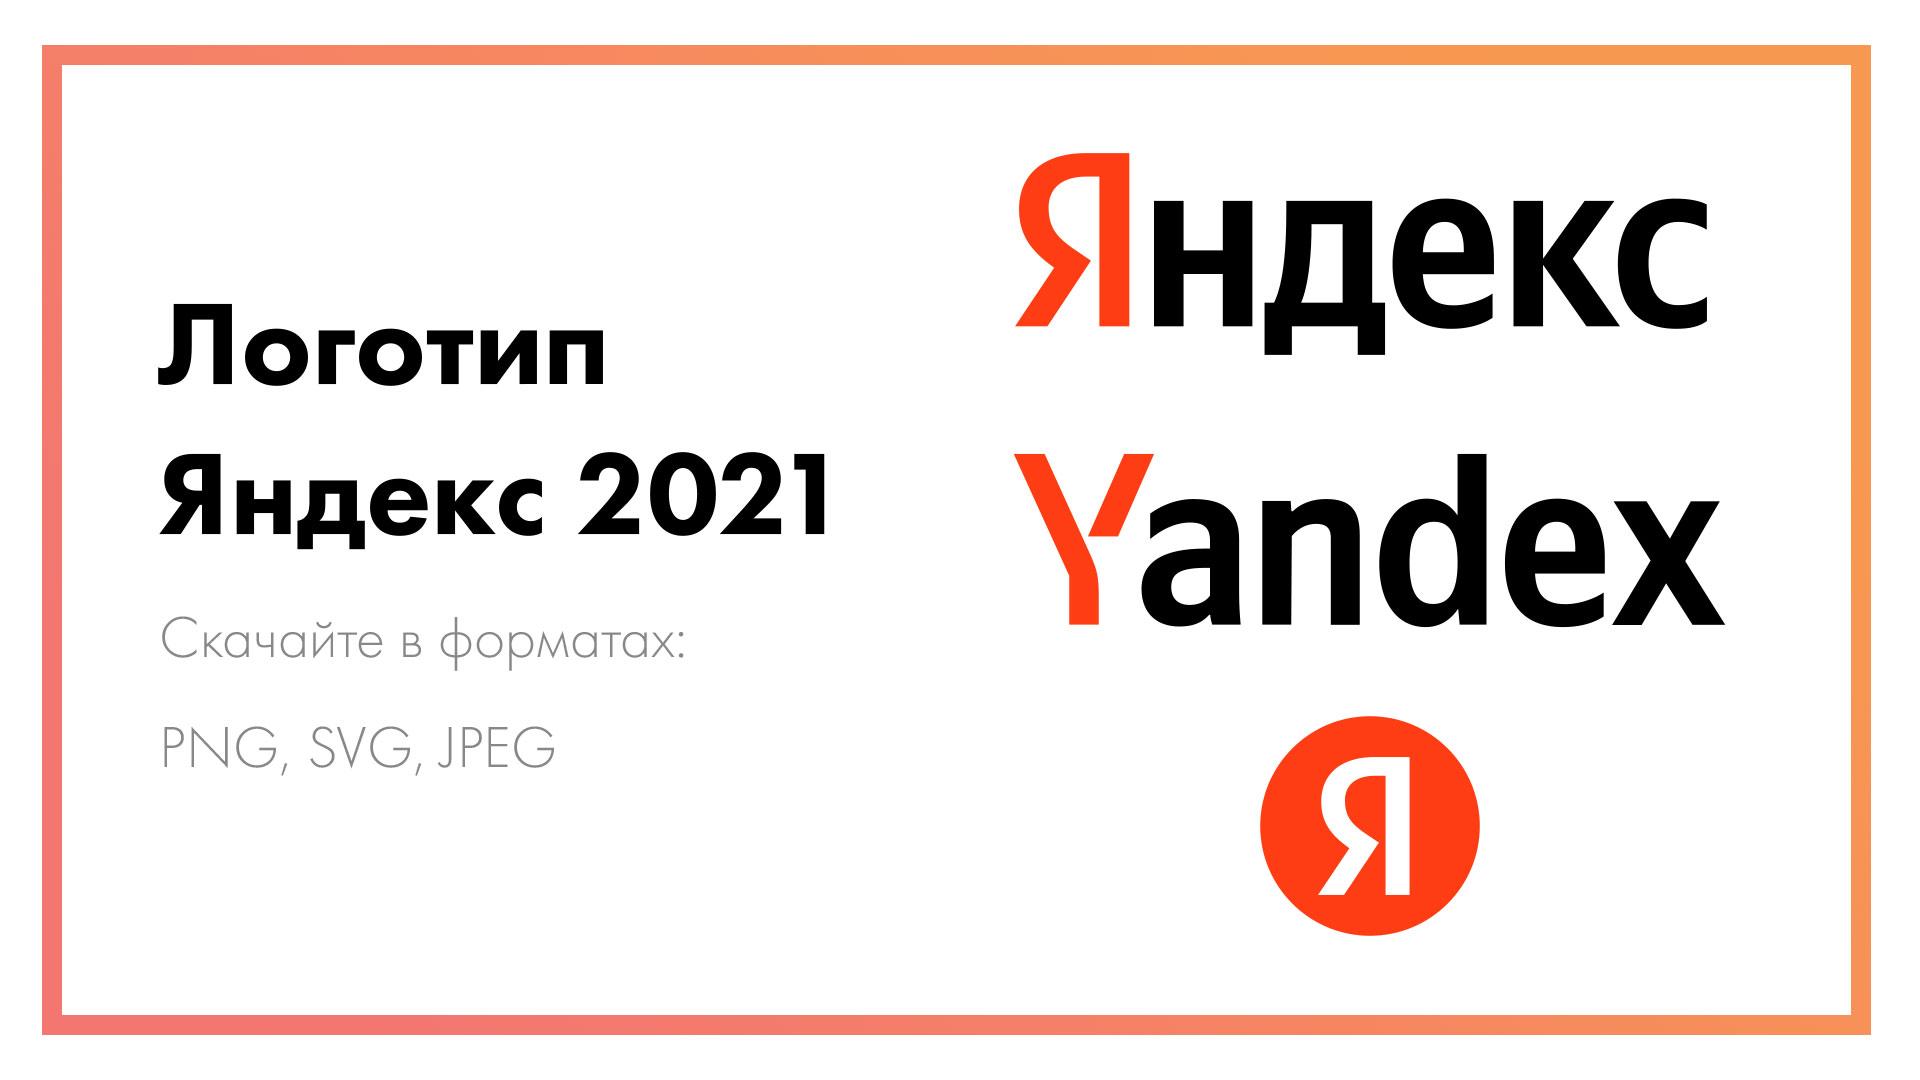 Новый-логотип-Яндекс-2021-вектор-svg-png-jpeg.jpg